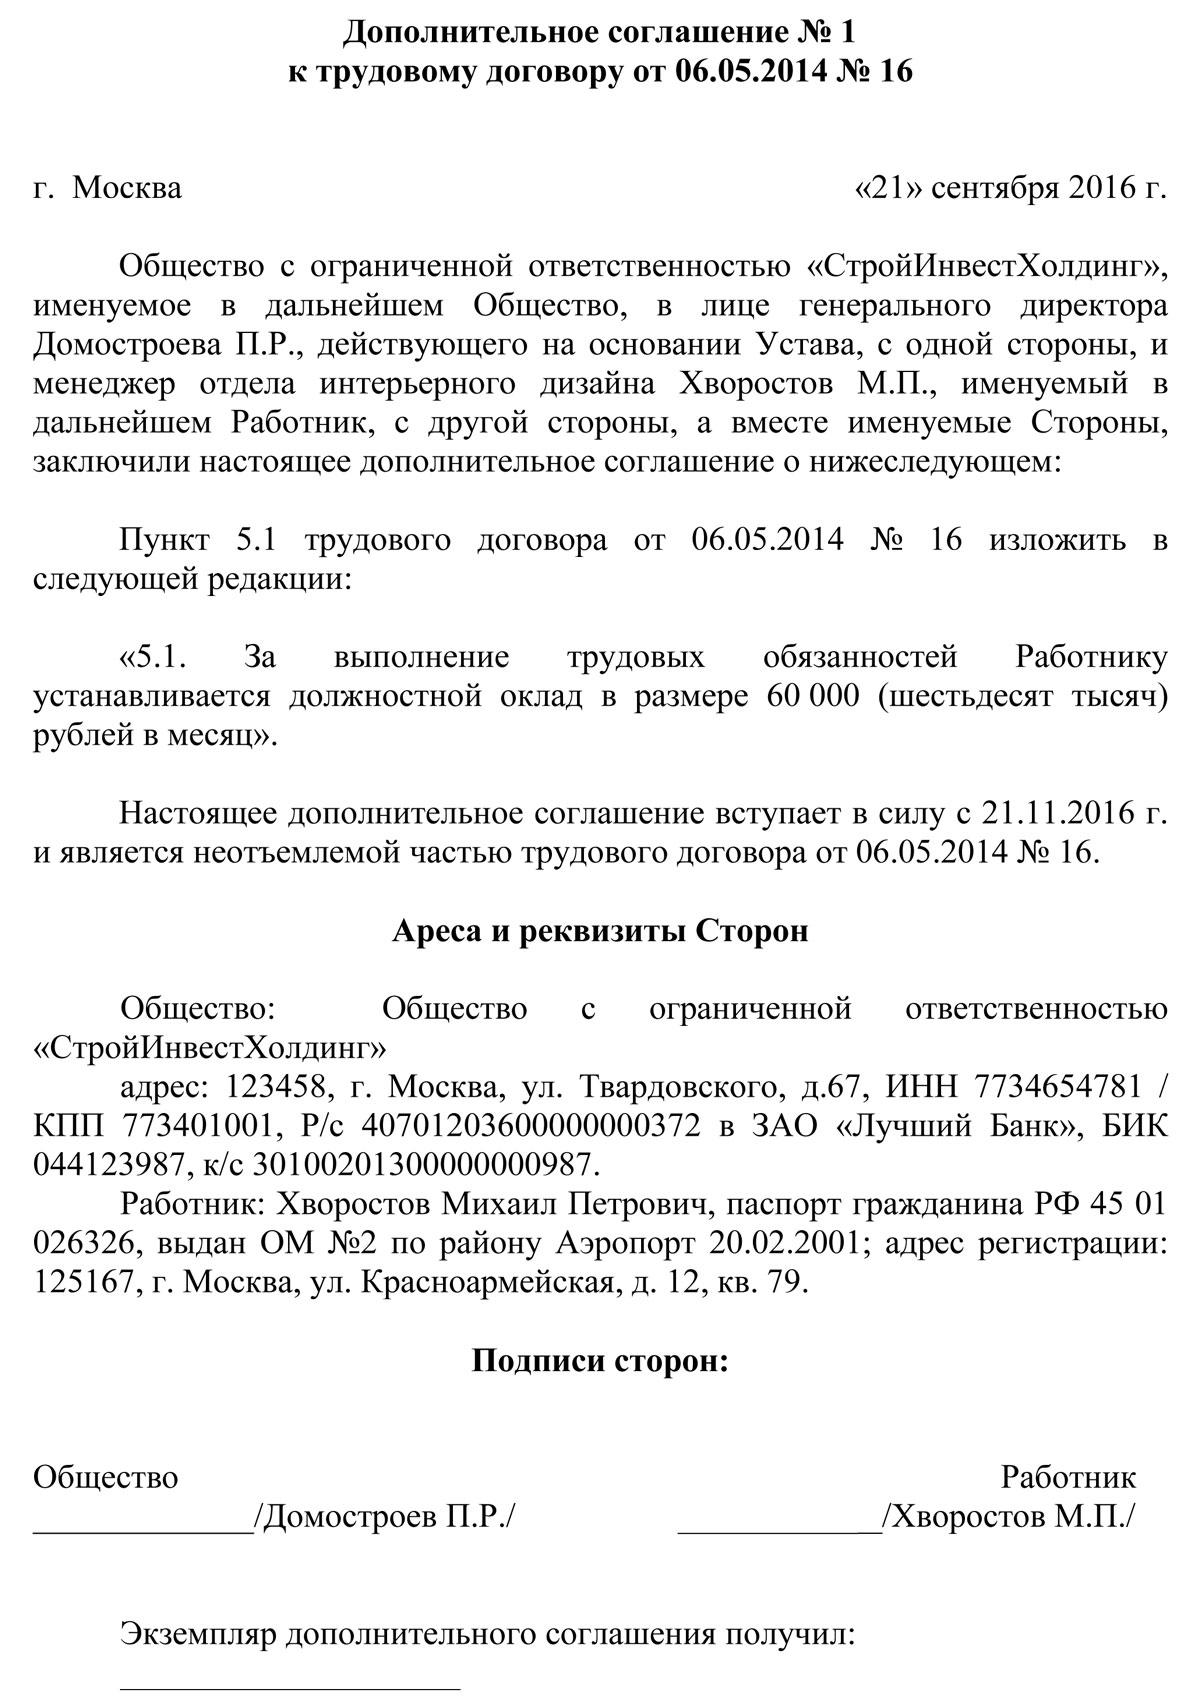 Образец доп соглашения при увольнении по соглашению сторон в отпуске до 3